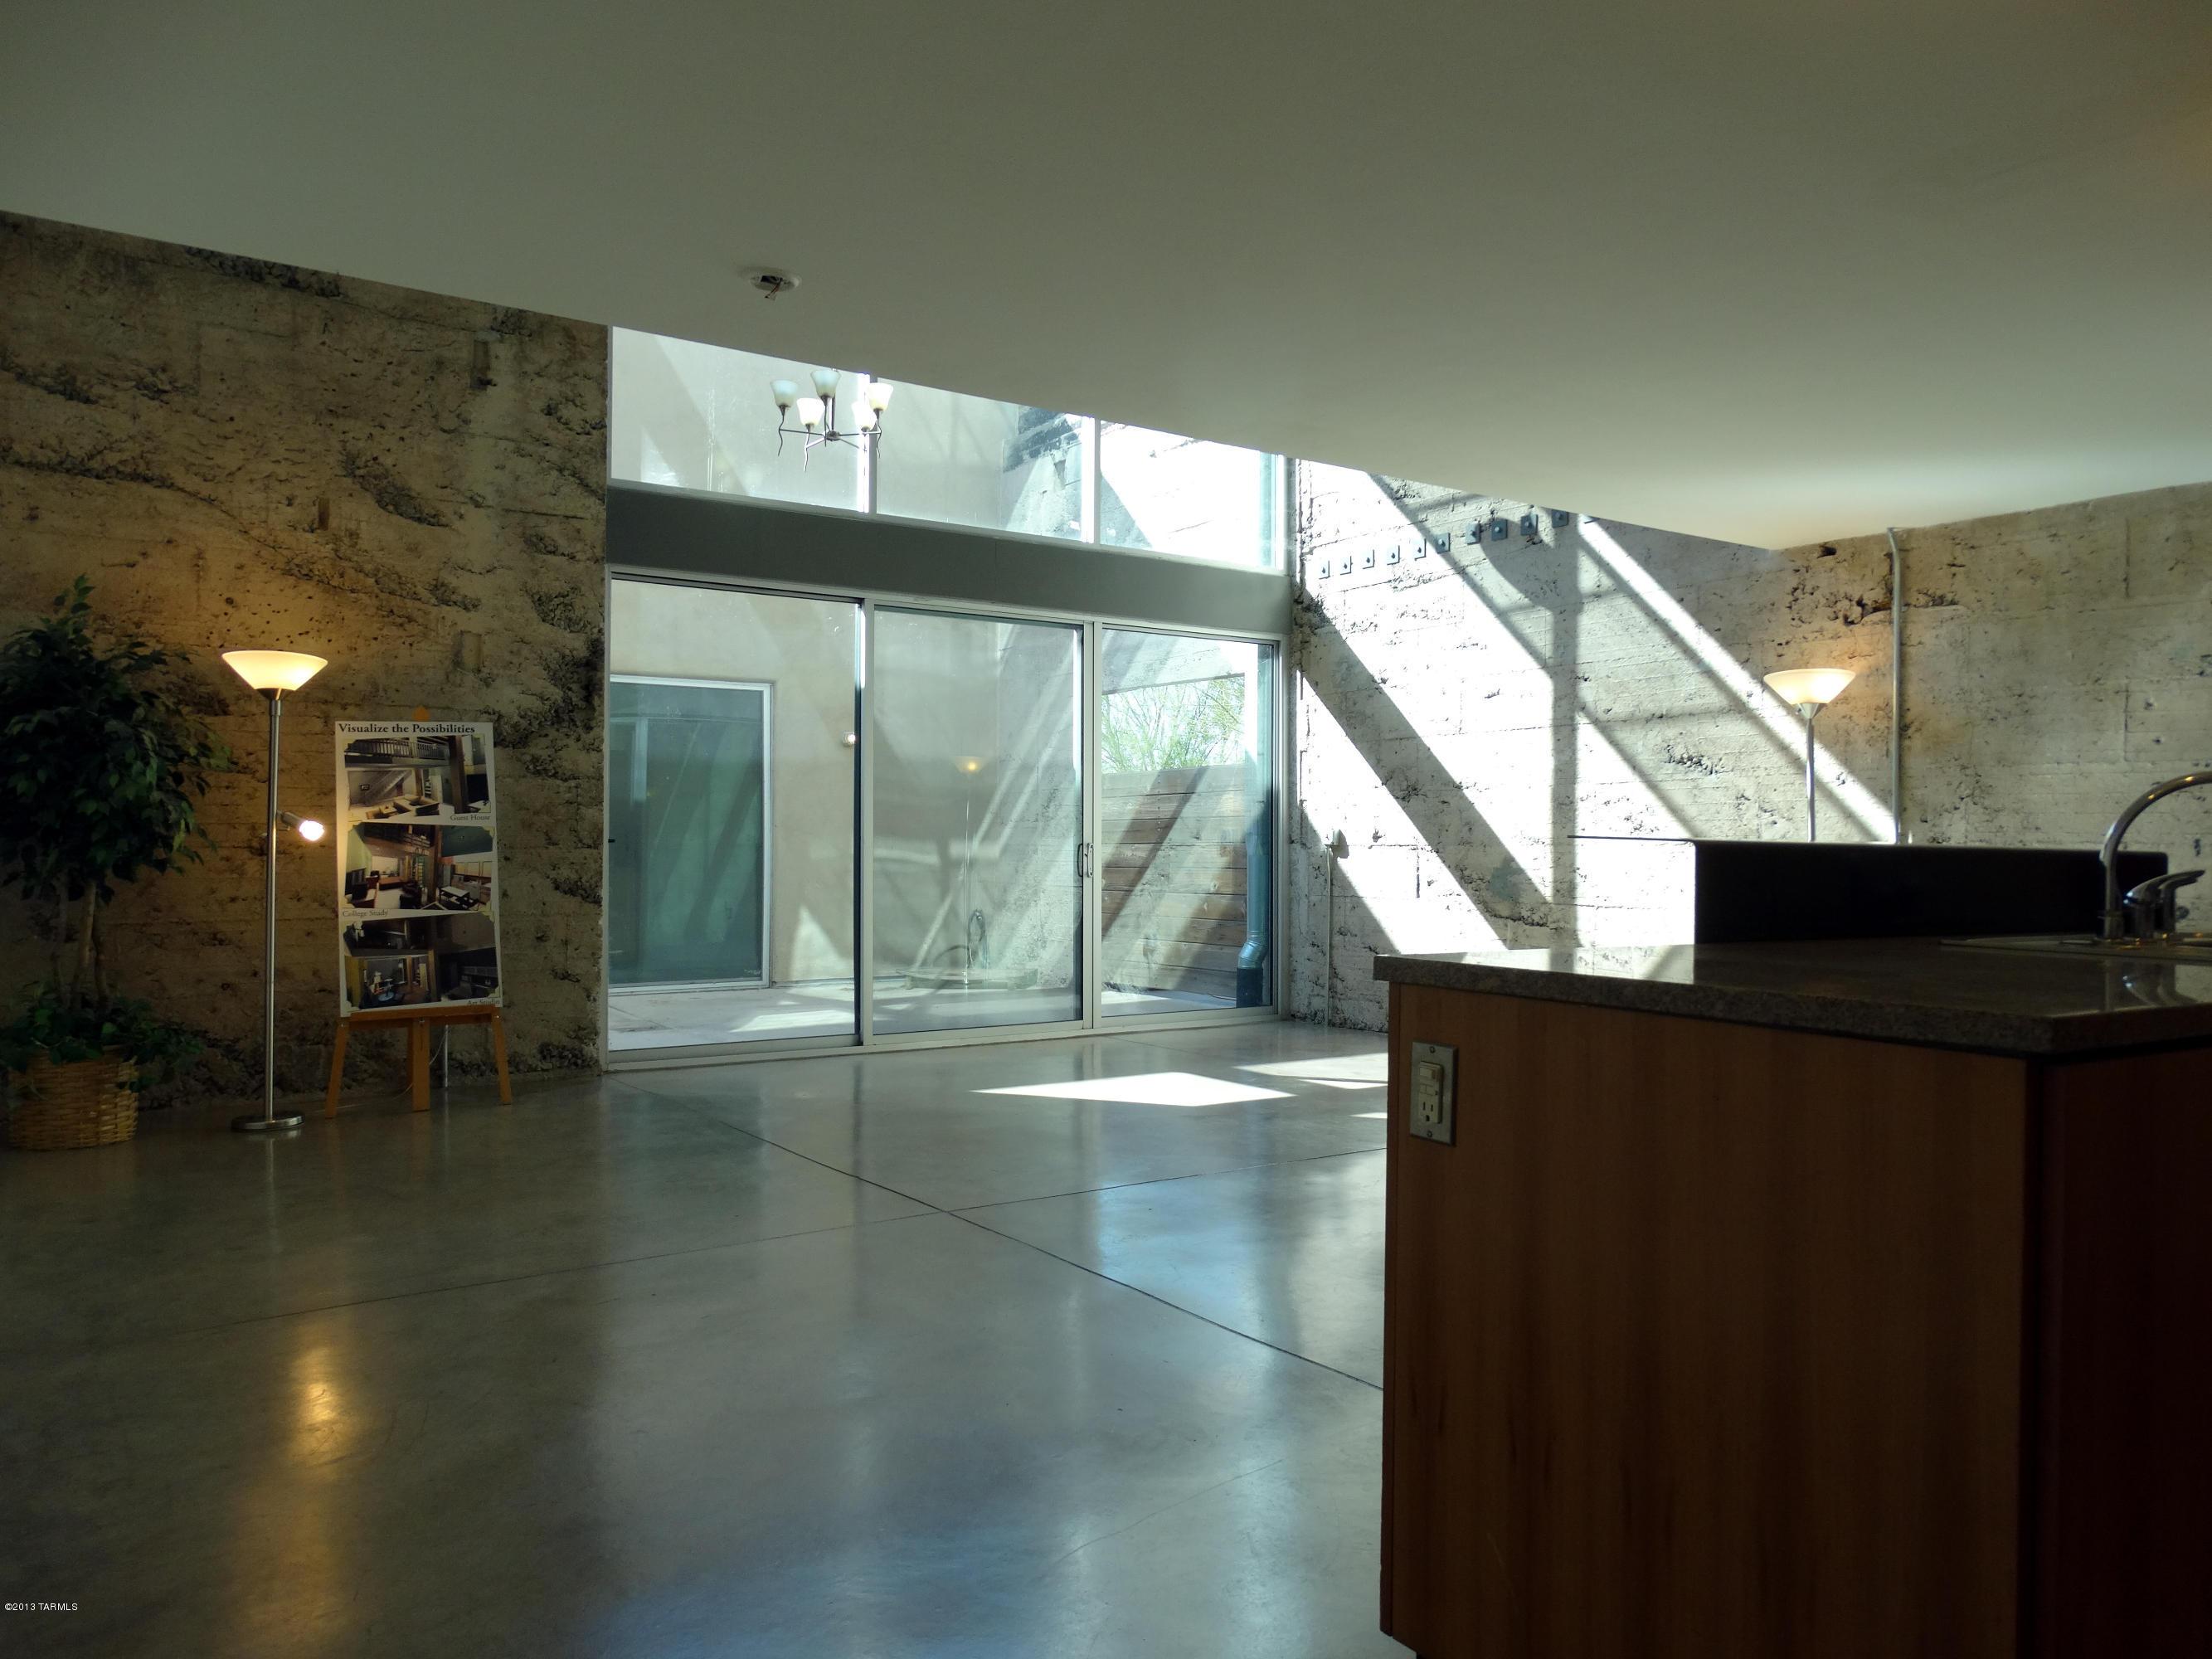 Tremendous Ice House Loft 111 Near Downtown Tucson Az Is For Sale Download Free Architecture Designs Fluibritishbridgeorg